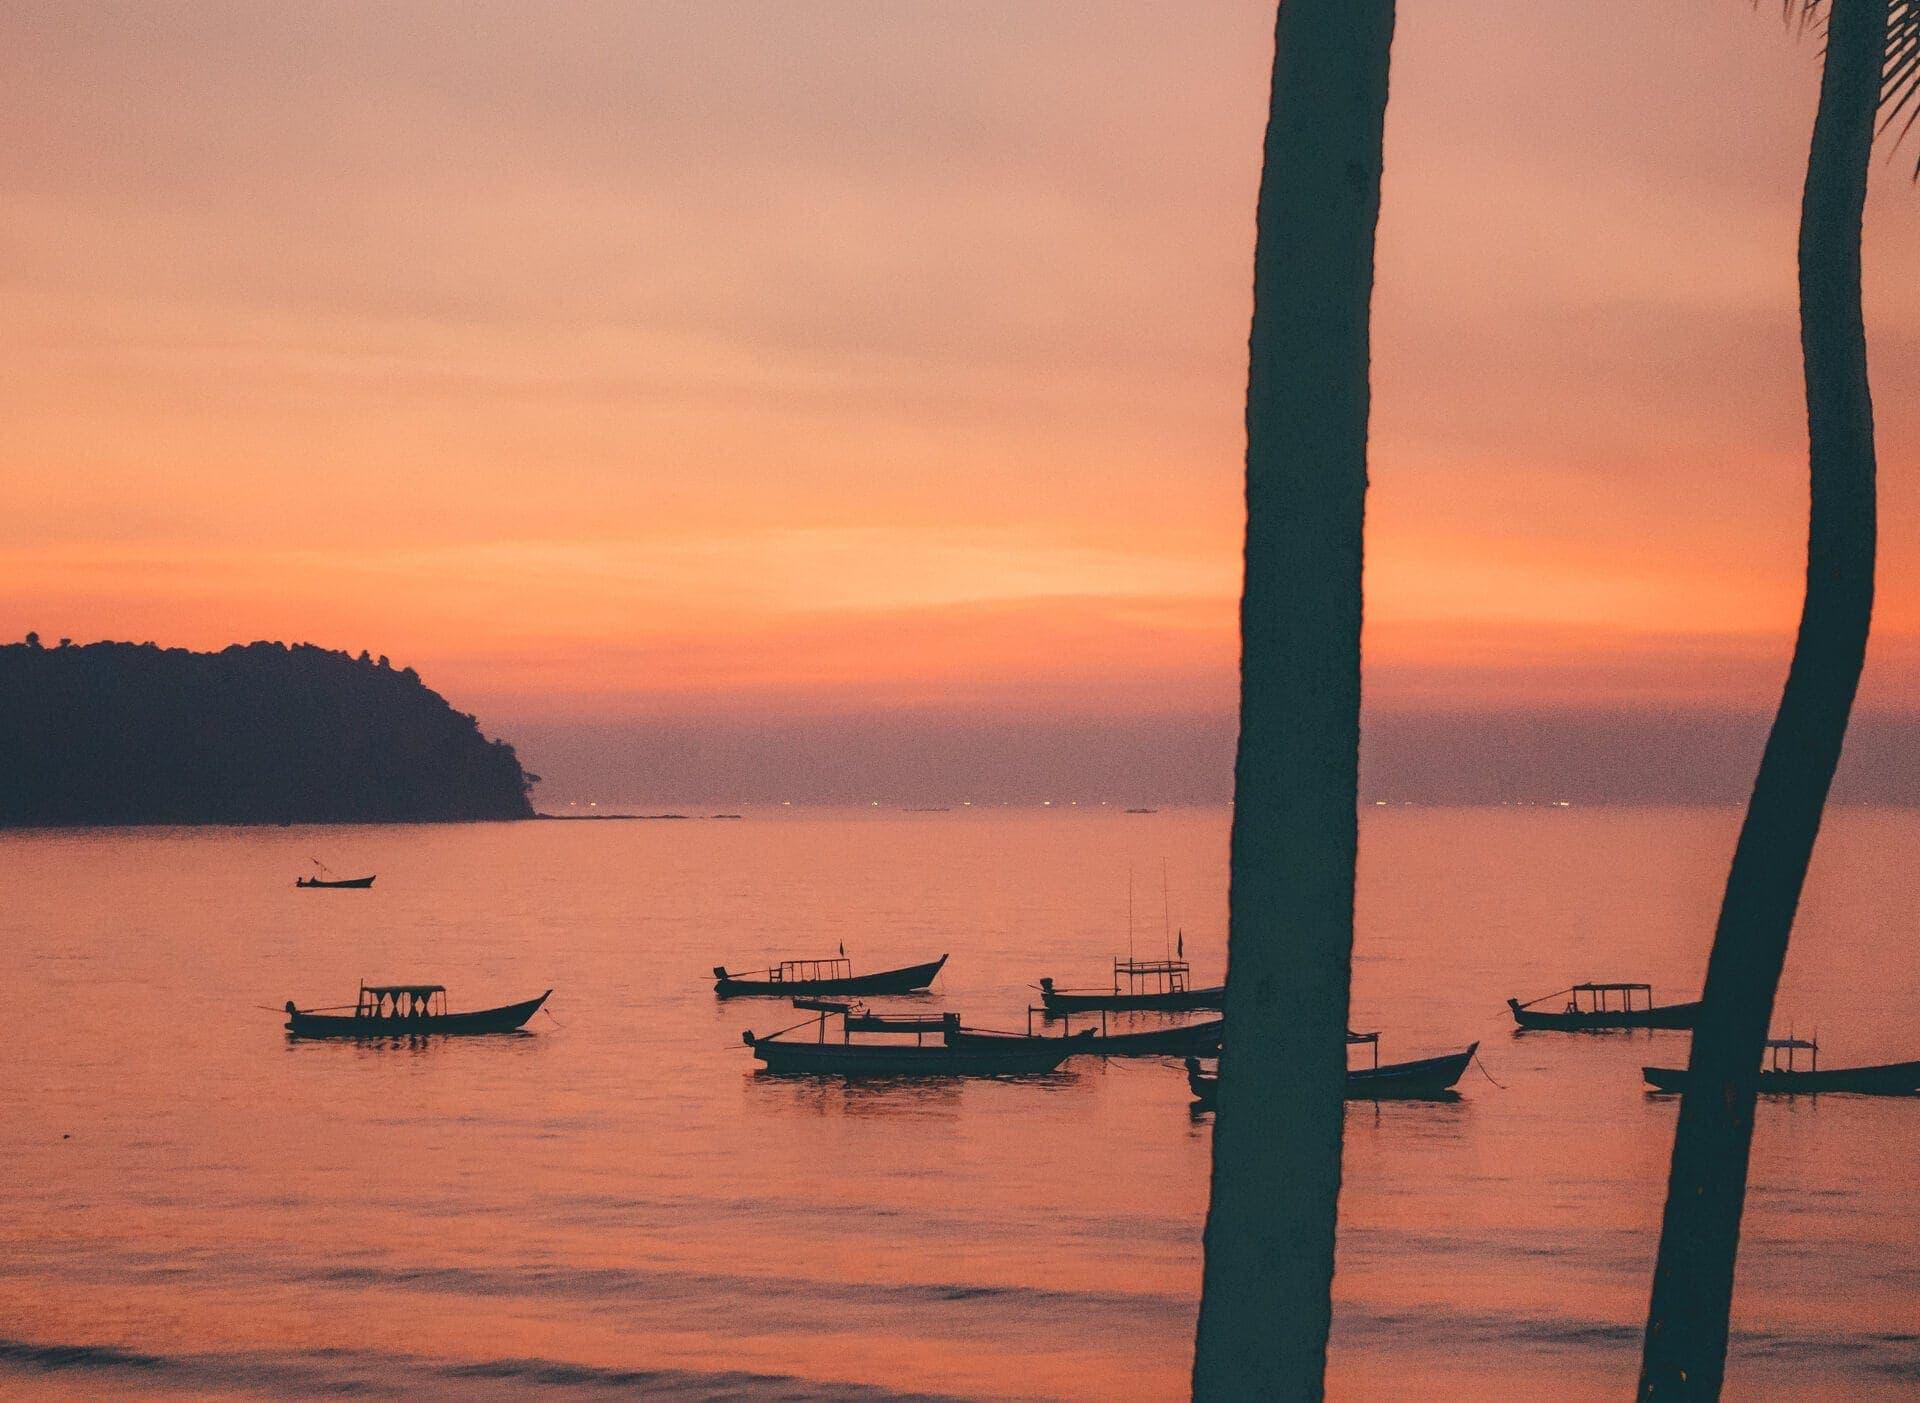 ngapali most beautiful beach sunset